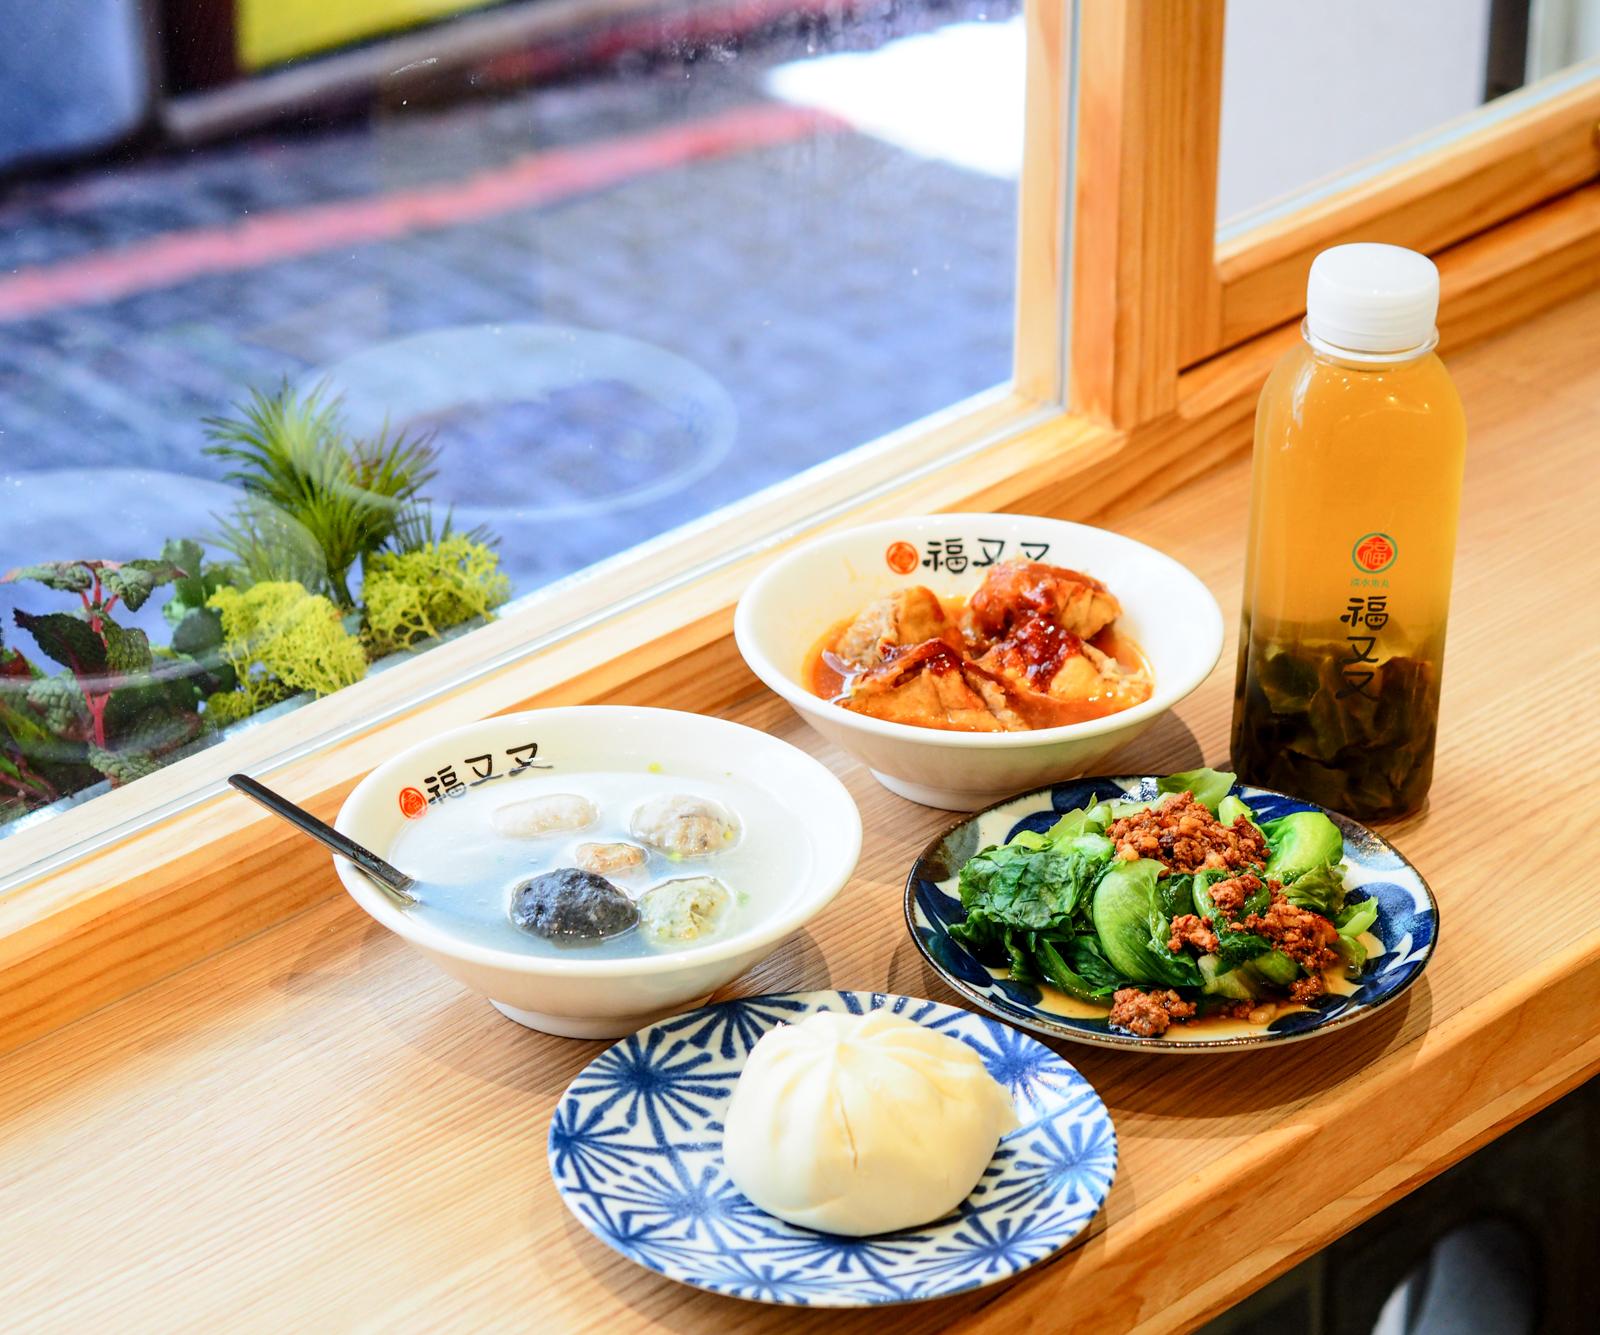 【淡水老街美食】福又又淡水魚丸 一口阿給和五色魚丸湯也可以吃的很文青又舒適